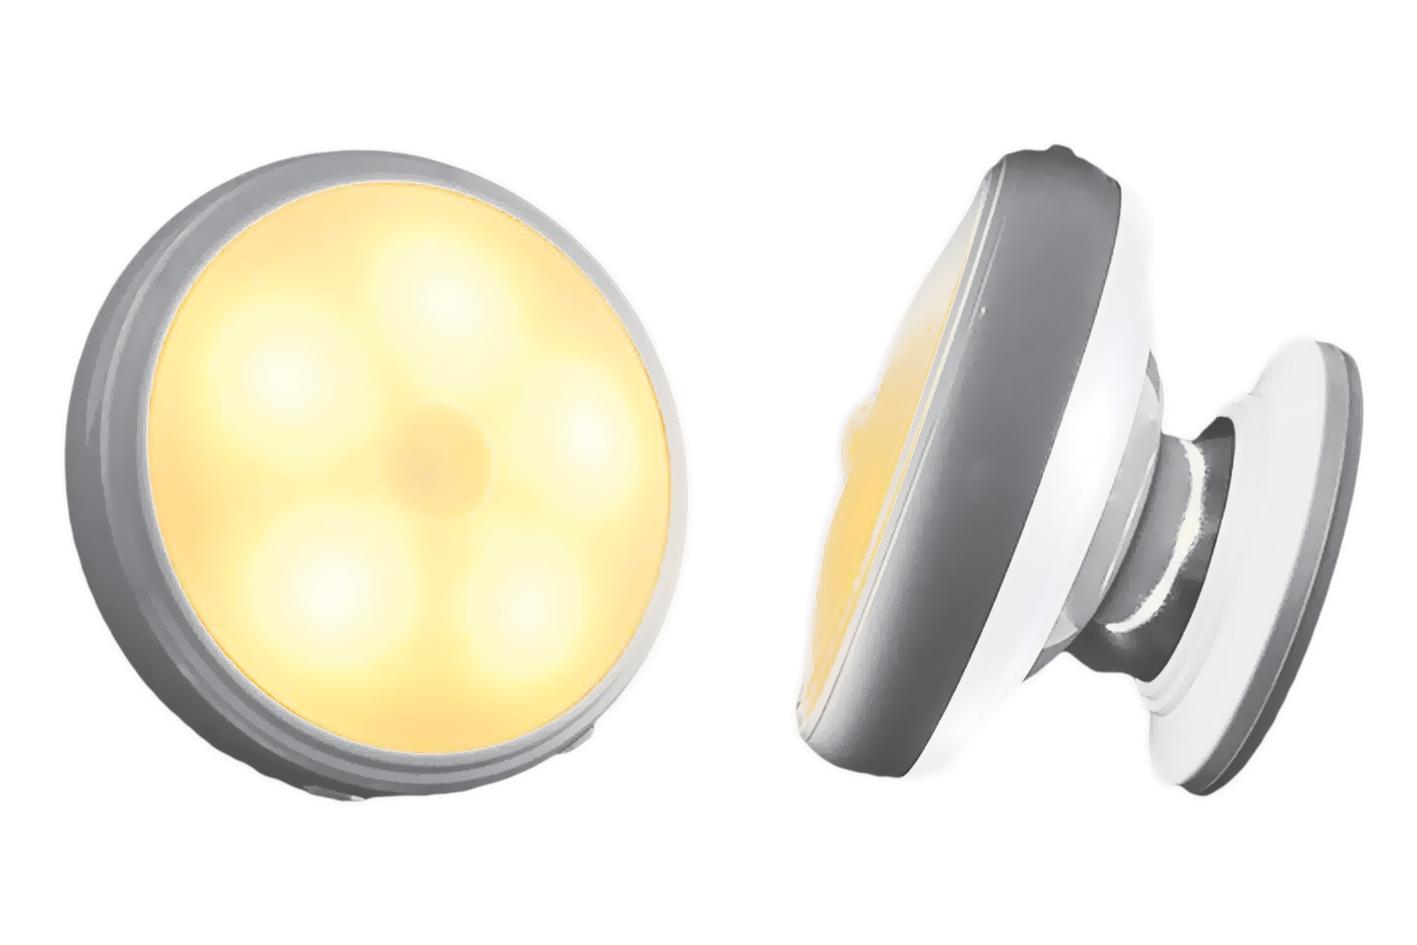 Faretto Led Luce Notturna Bianco Caldo Sensore di Movimento Calamitato Snodabile Rimovibile Ricaricabile USB Batteria Litio 450mAh Per Scala Corridoio Mansarda Garage Armadio - PZ